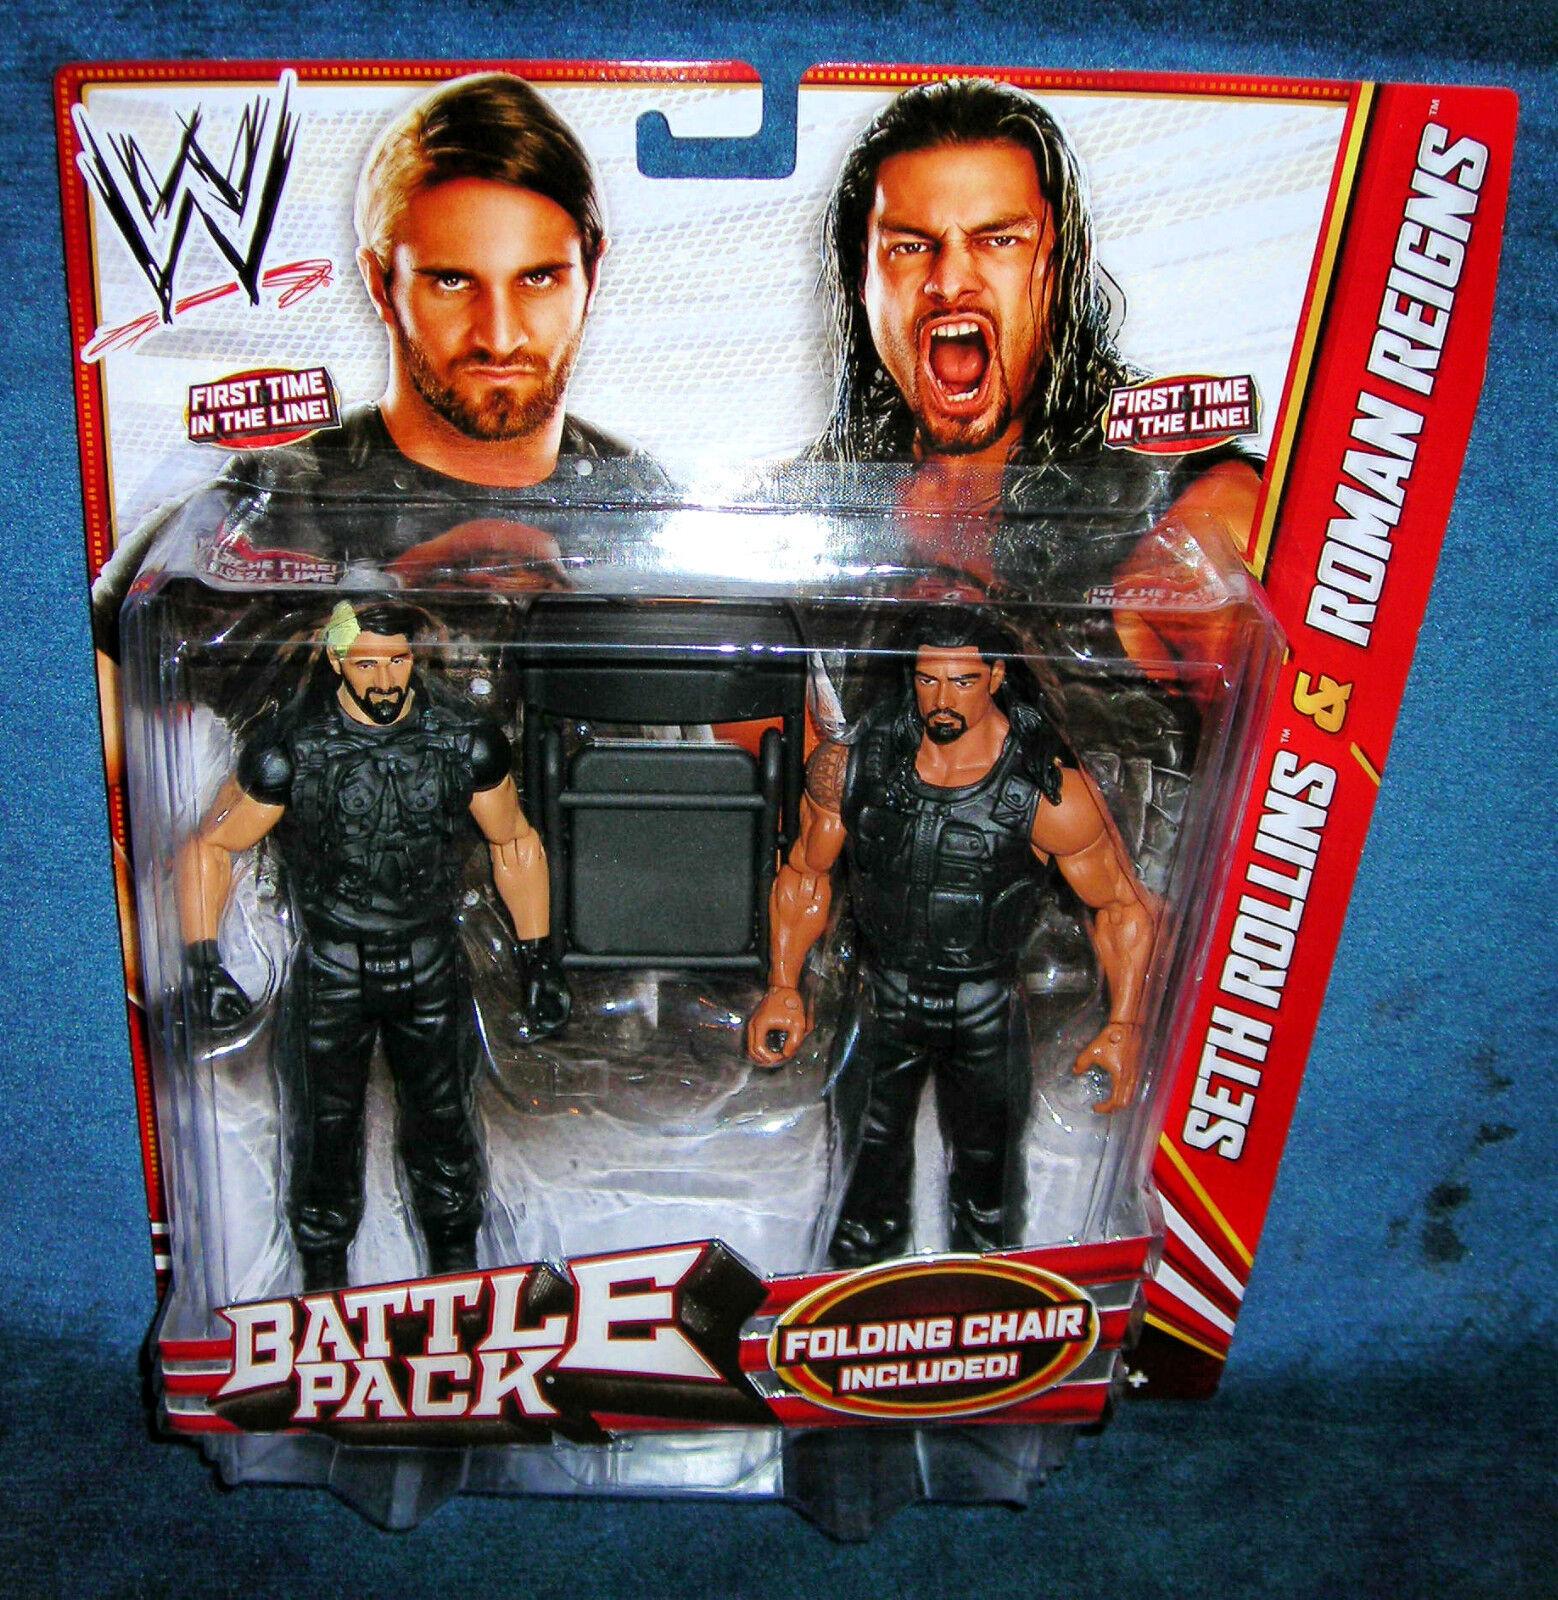 WWE SETH ROLLINS ROMAN REIGNS SHIELD TAG TEAM FIRST WWF WCW ECW RAW WRESTLEMANIA